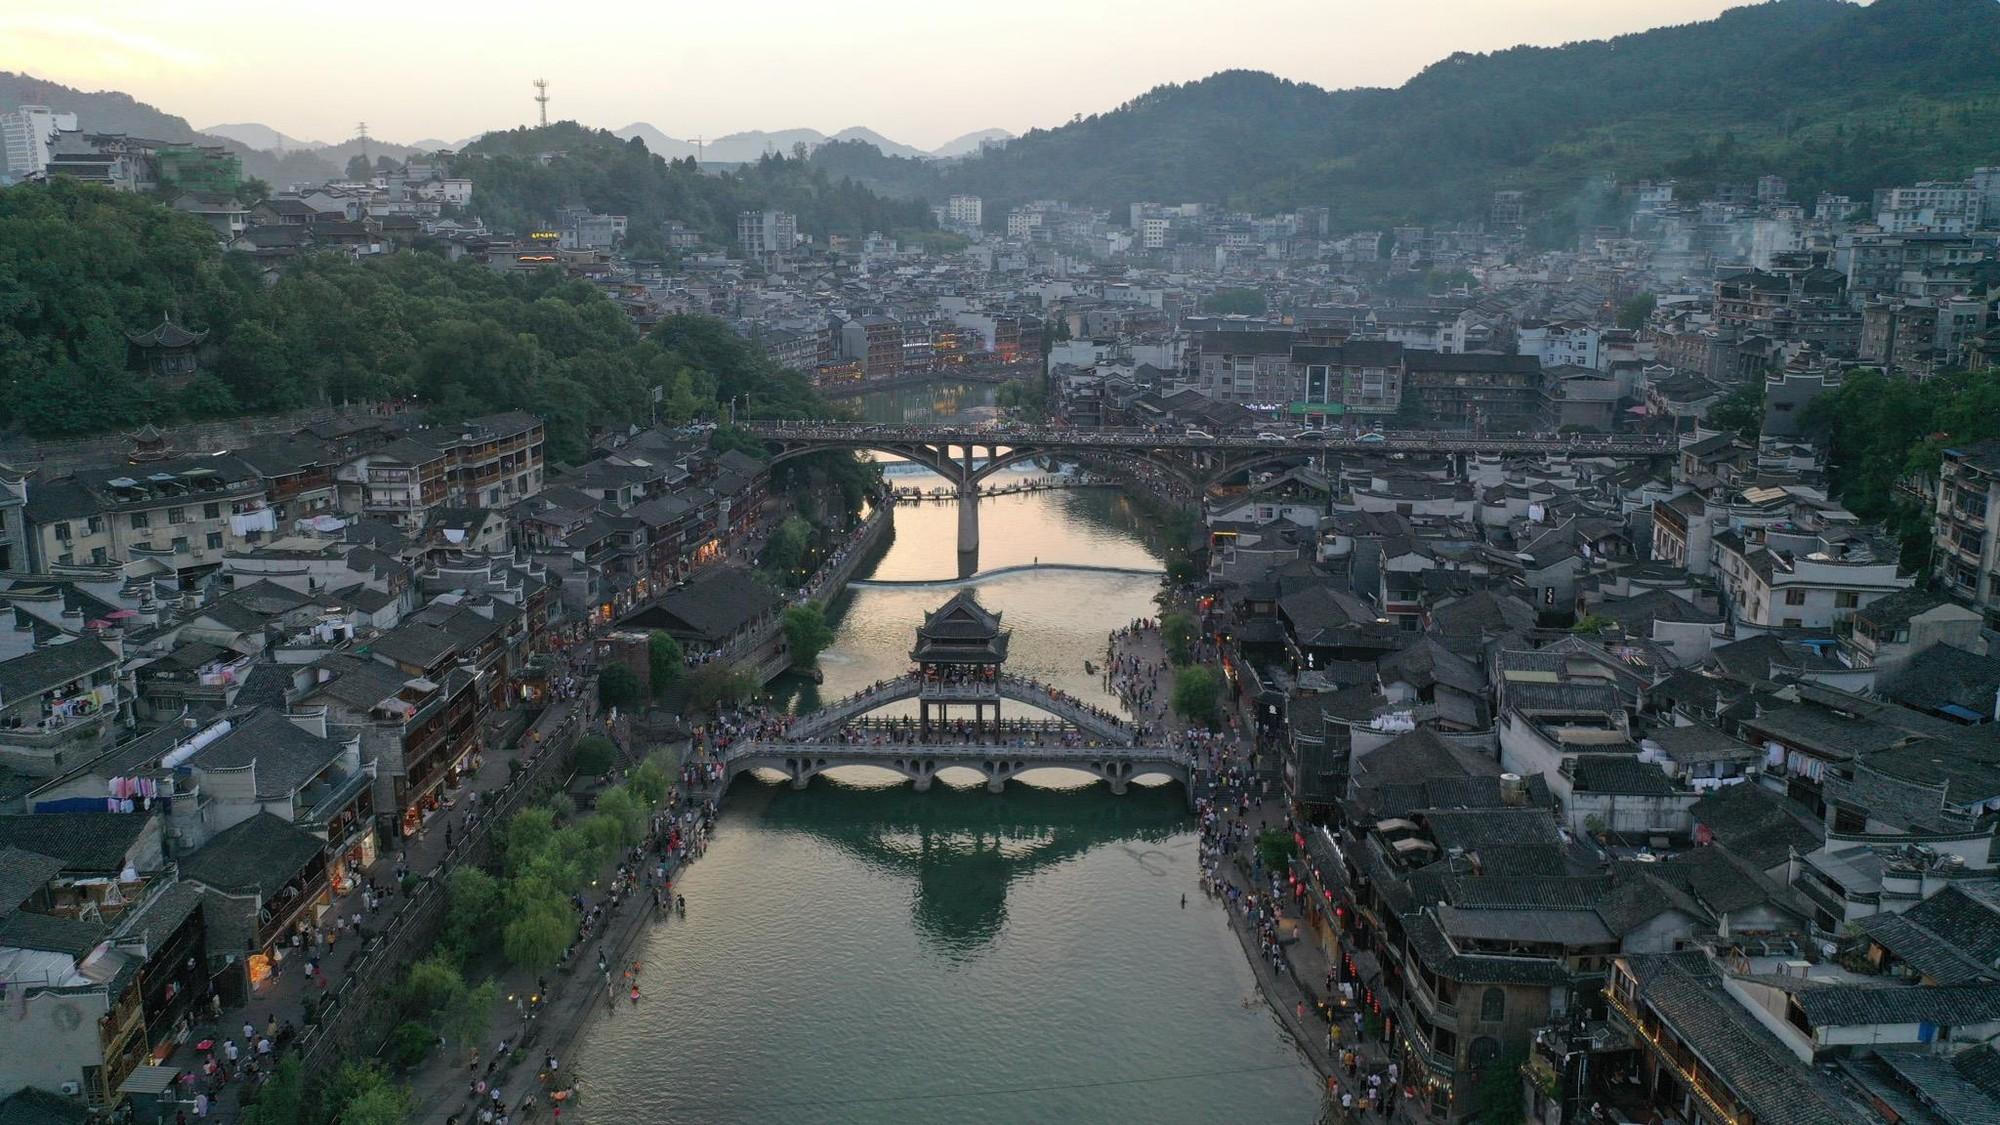 Phượng Hoàng cổ trấn và bí mật thu hút khách du lịch quanh năm - Ảnh 2.